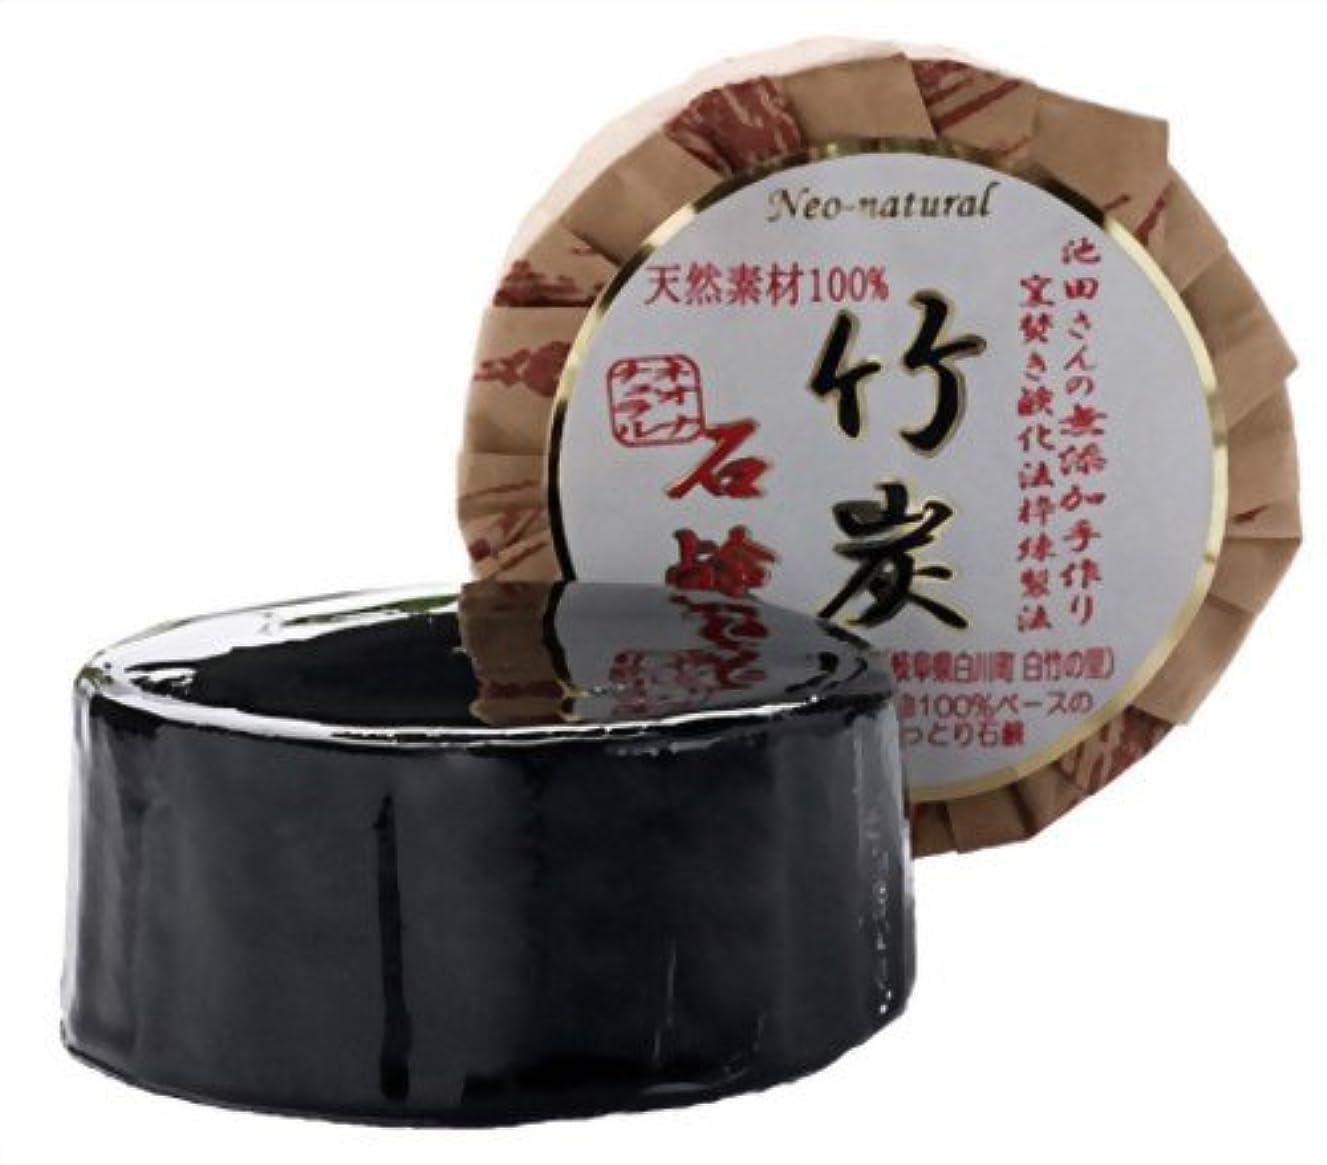 お世話になった遅いジョガーネオナチュラル 池田さんの竹炭石鹸 105g